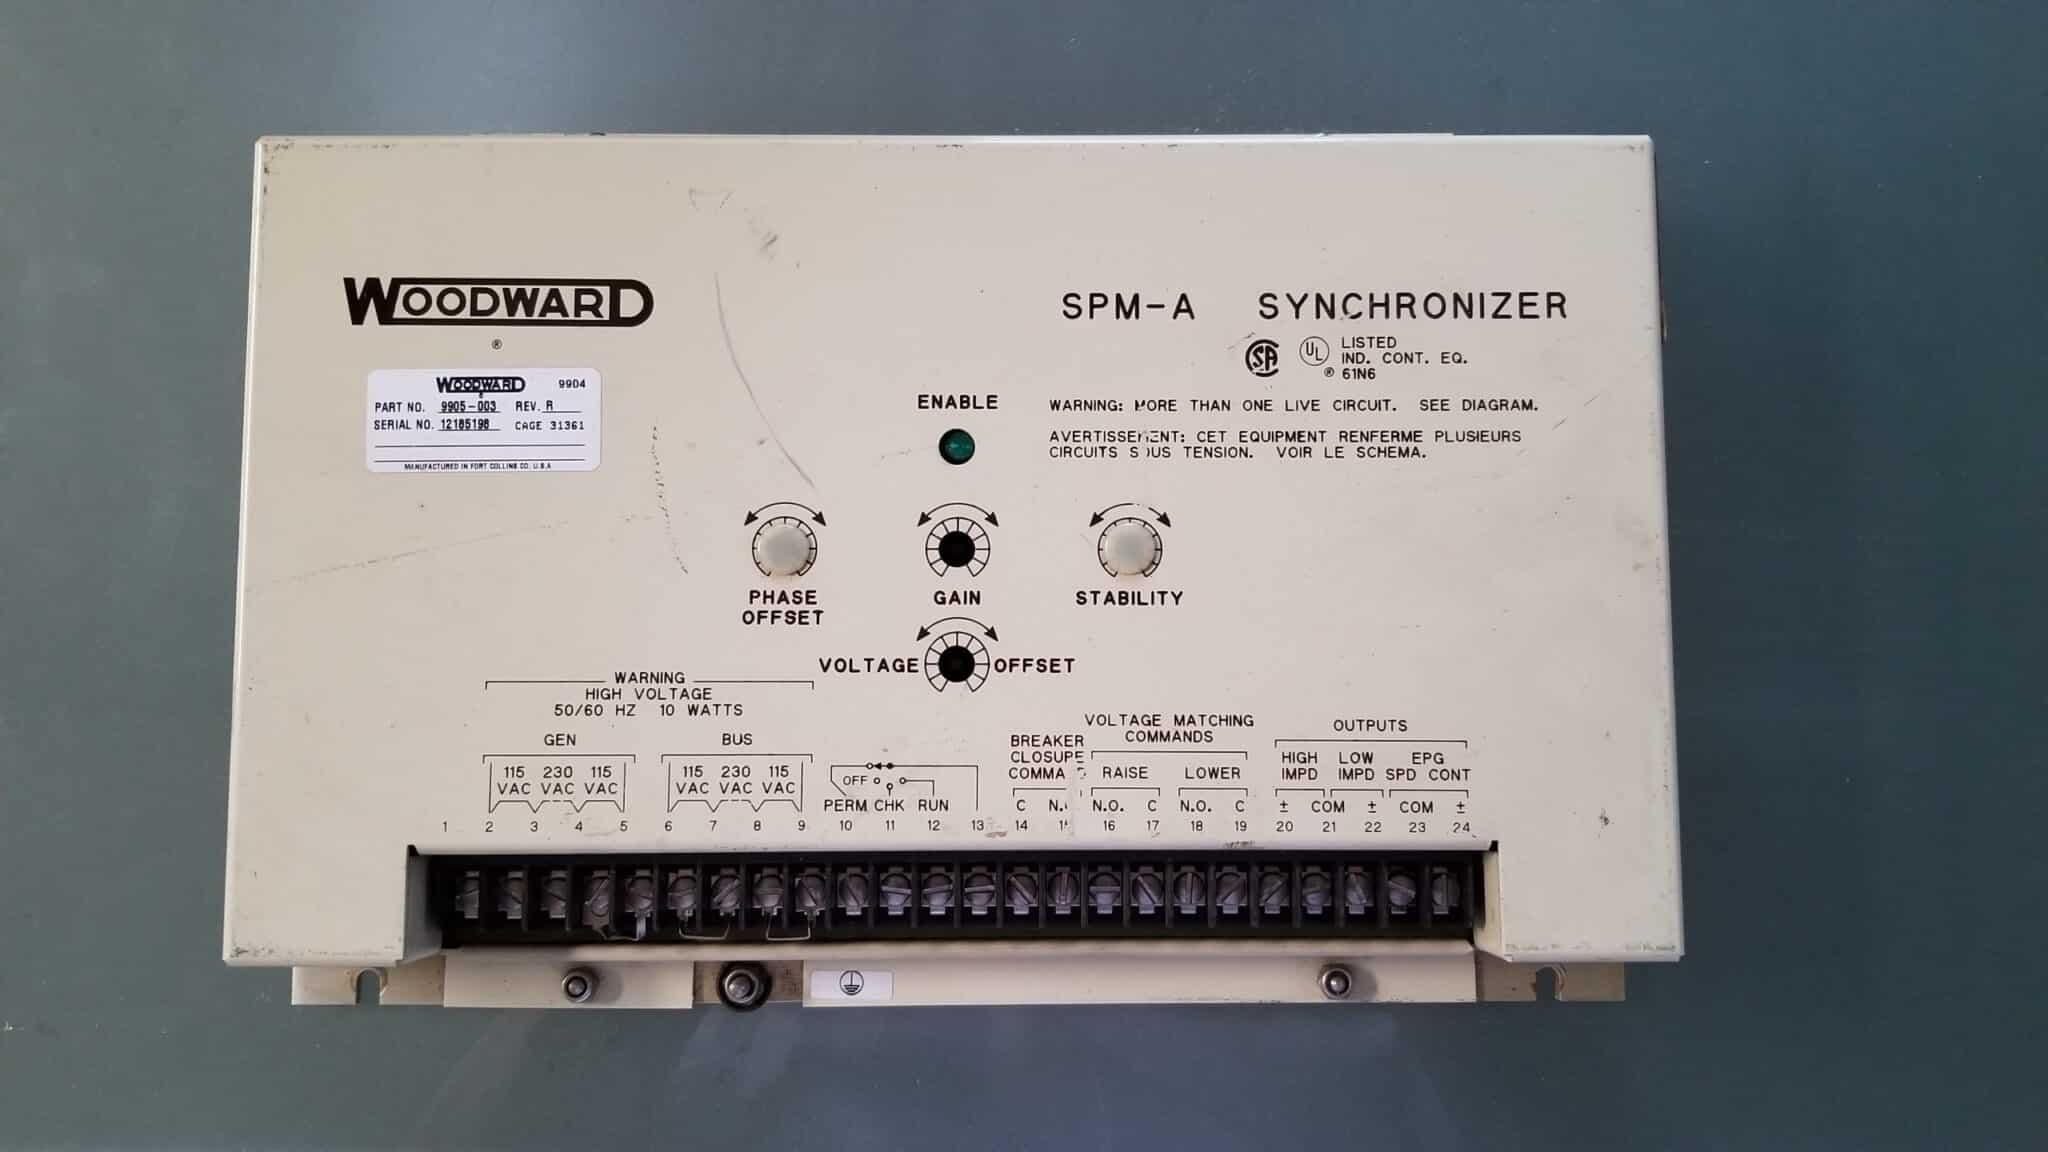 Used Woodward SPM-A Synchronizer 9905-003 Rev R